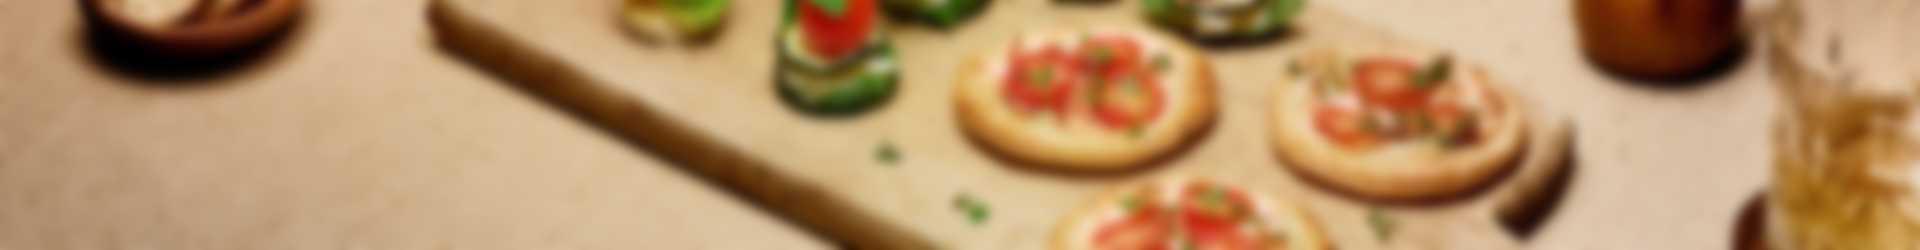 tomaten borrelplank